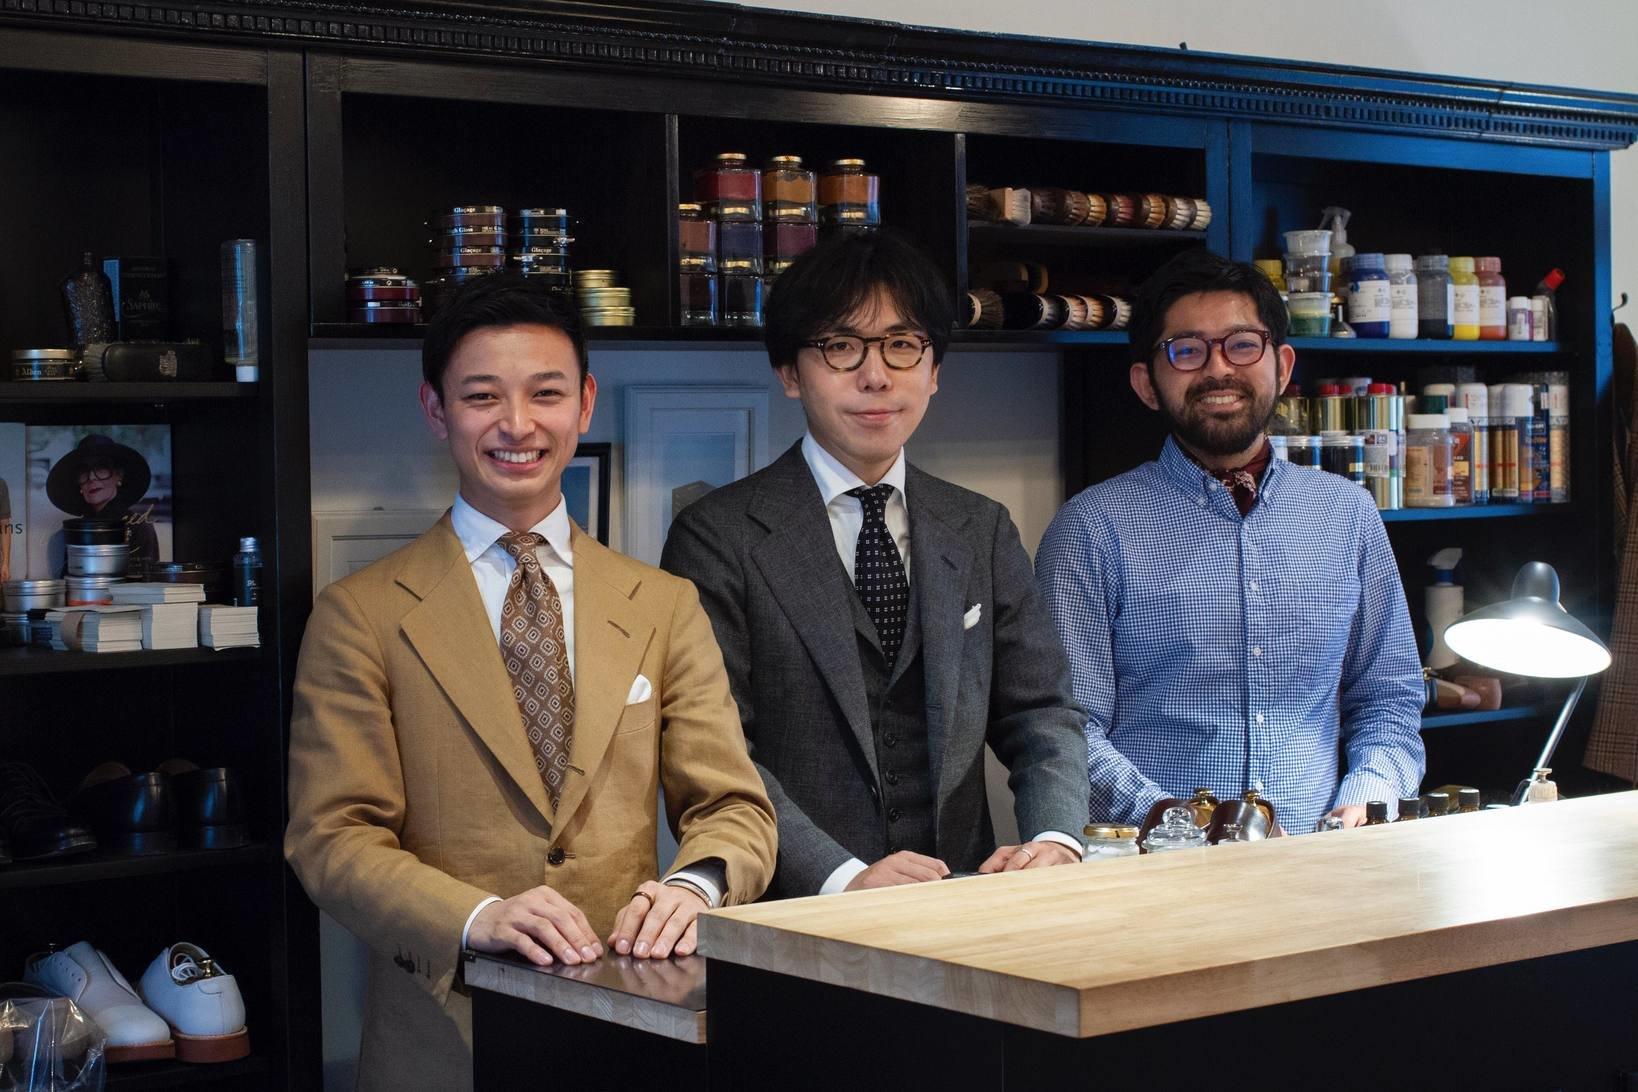 現在TWTGでは3名の職人が活躍している。左から寺島さん、石見さん、細見さん。